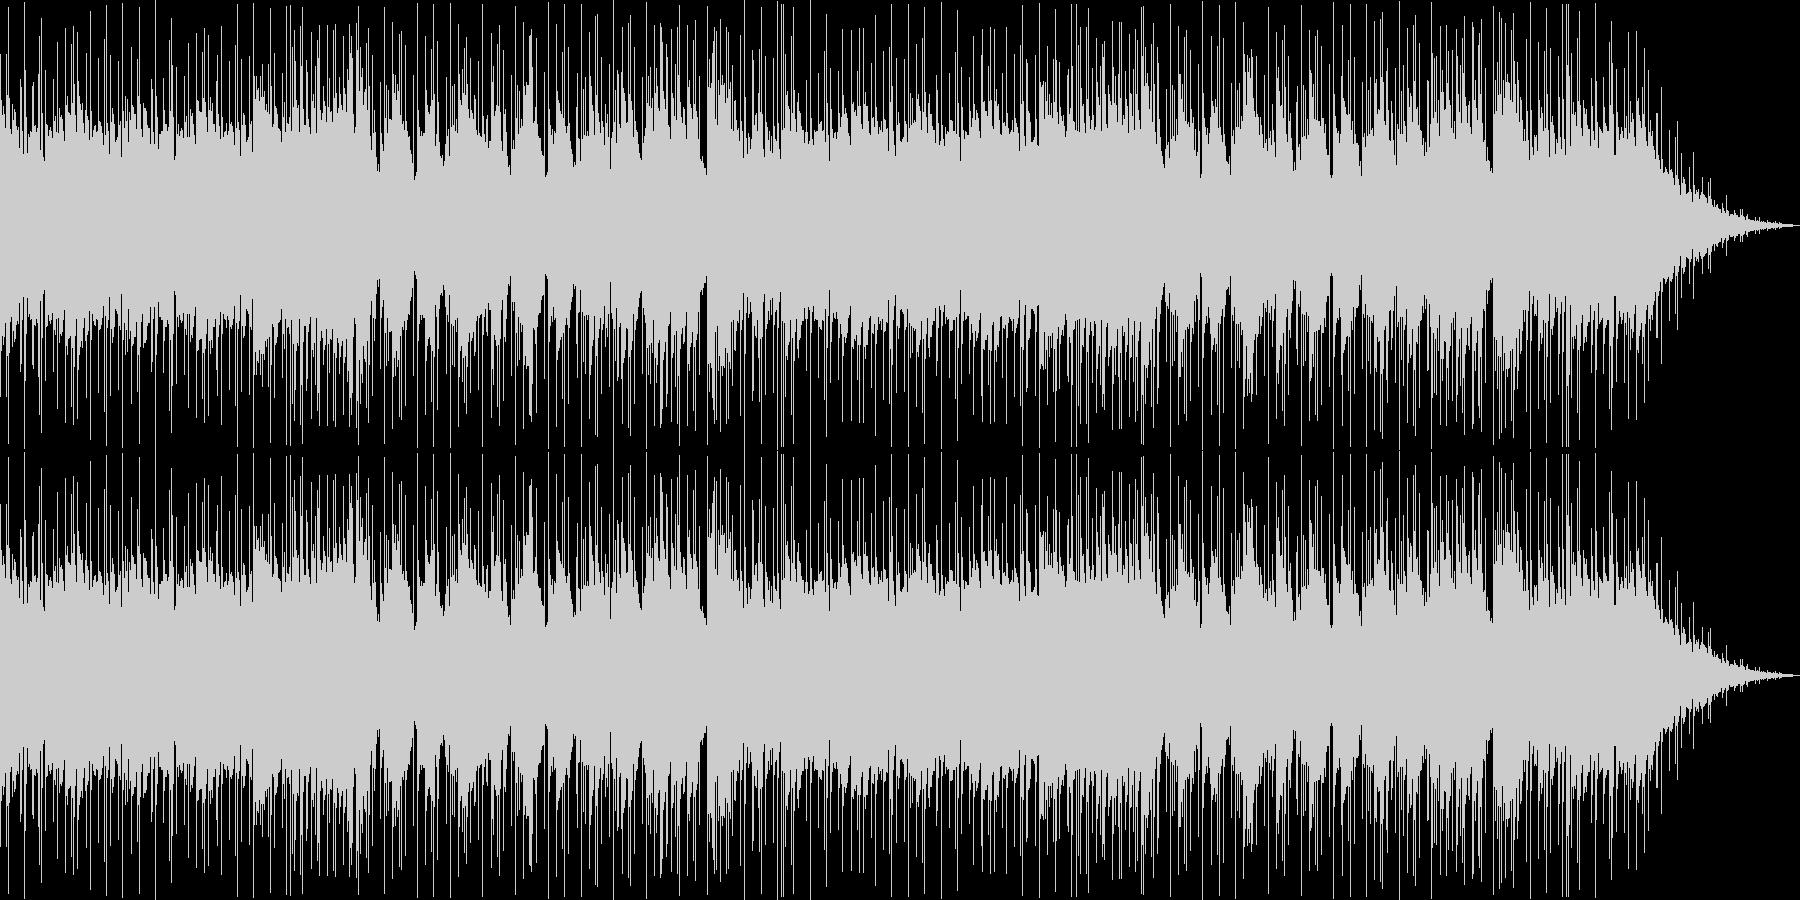 レトロゲームミュージック風(FM音源)の未再生の波形